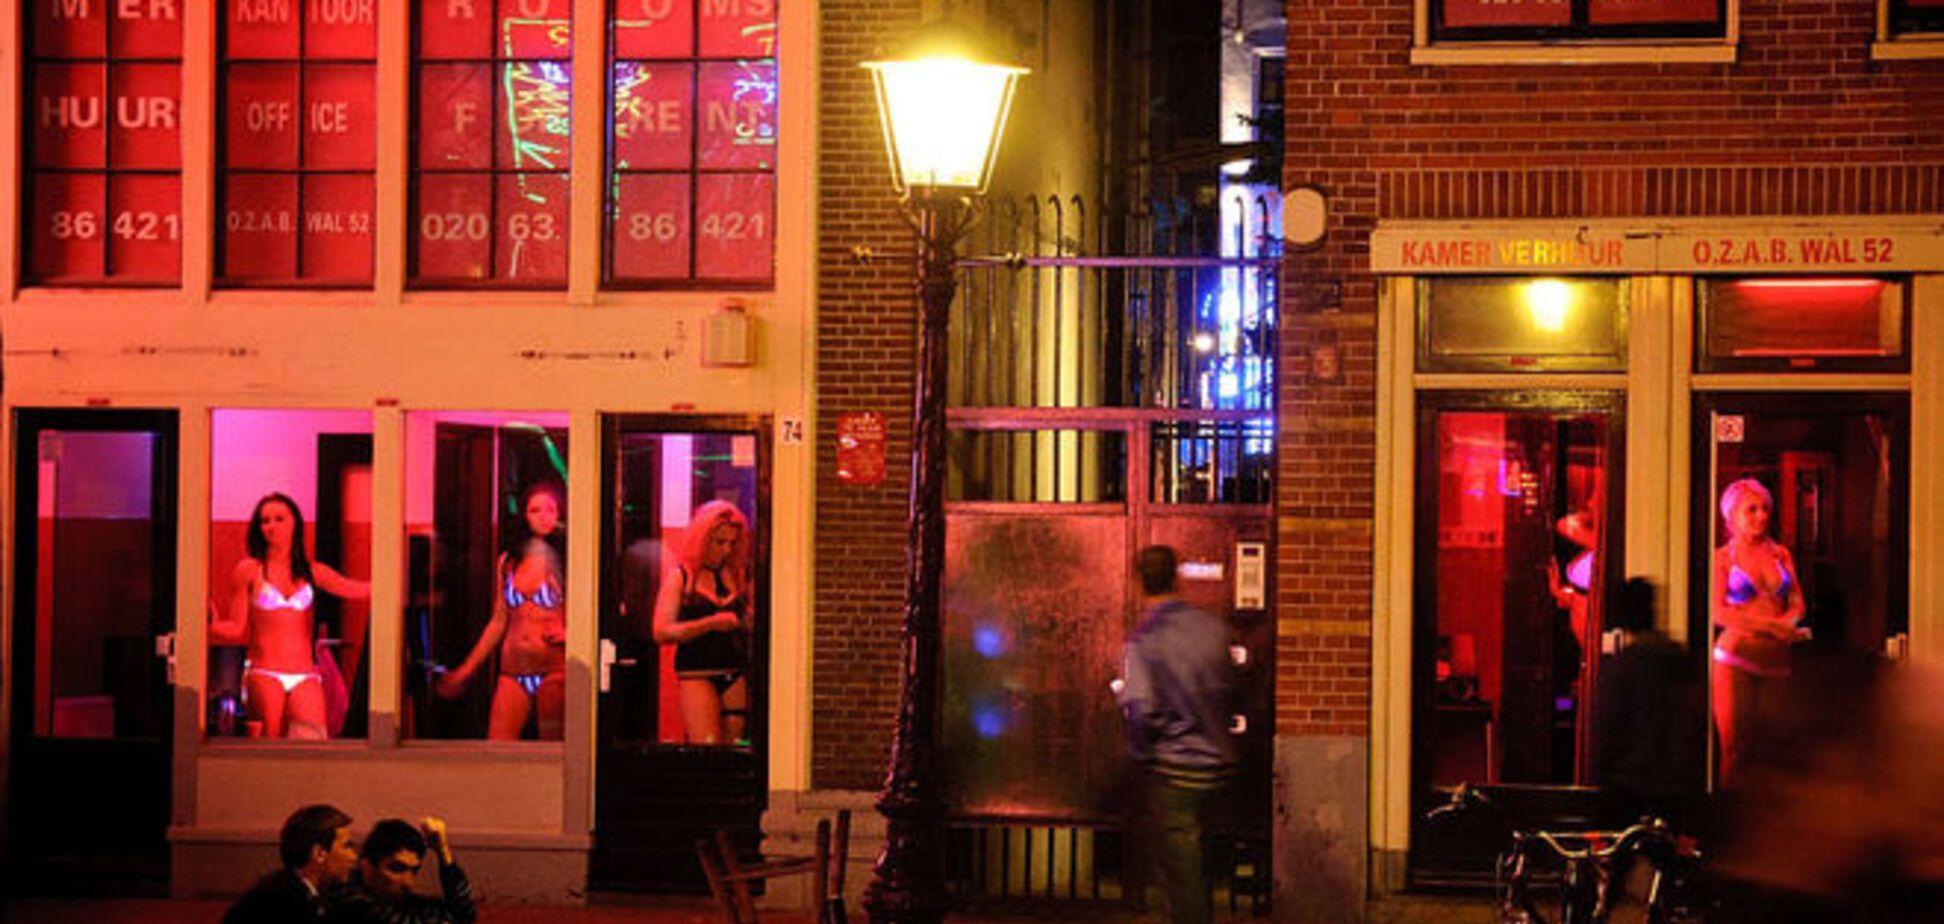 Центробанк Нидерландов уволил топ-менеджера за проституцию